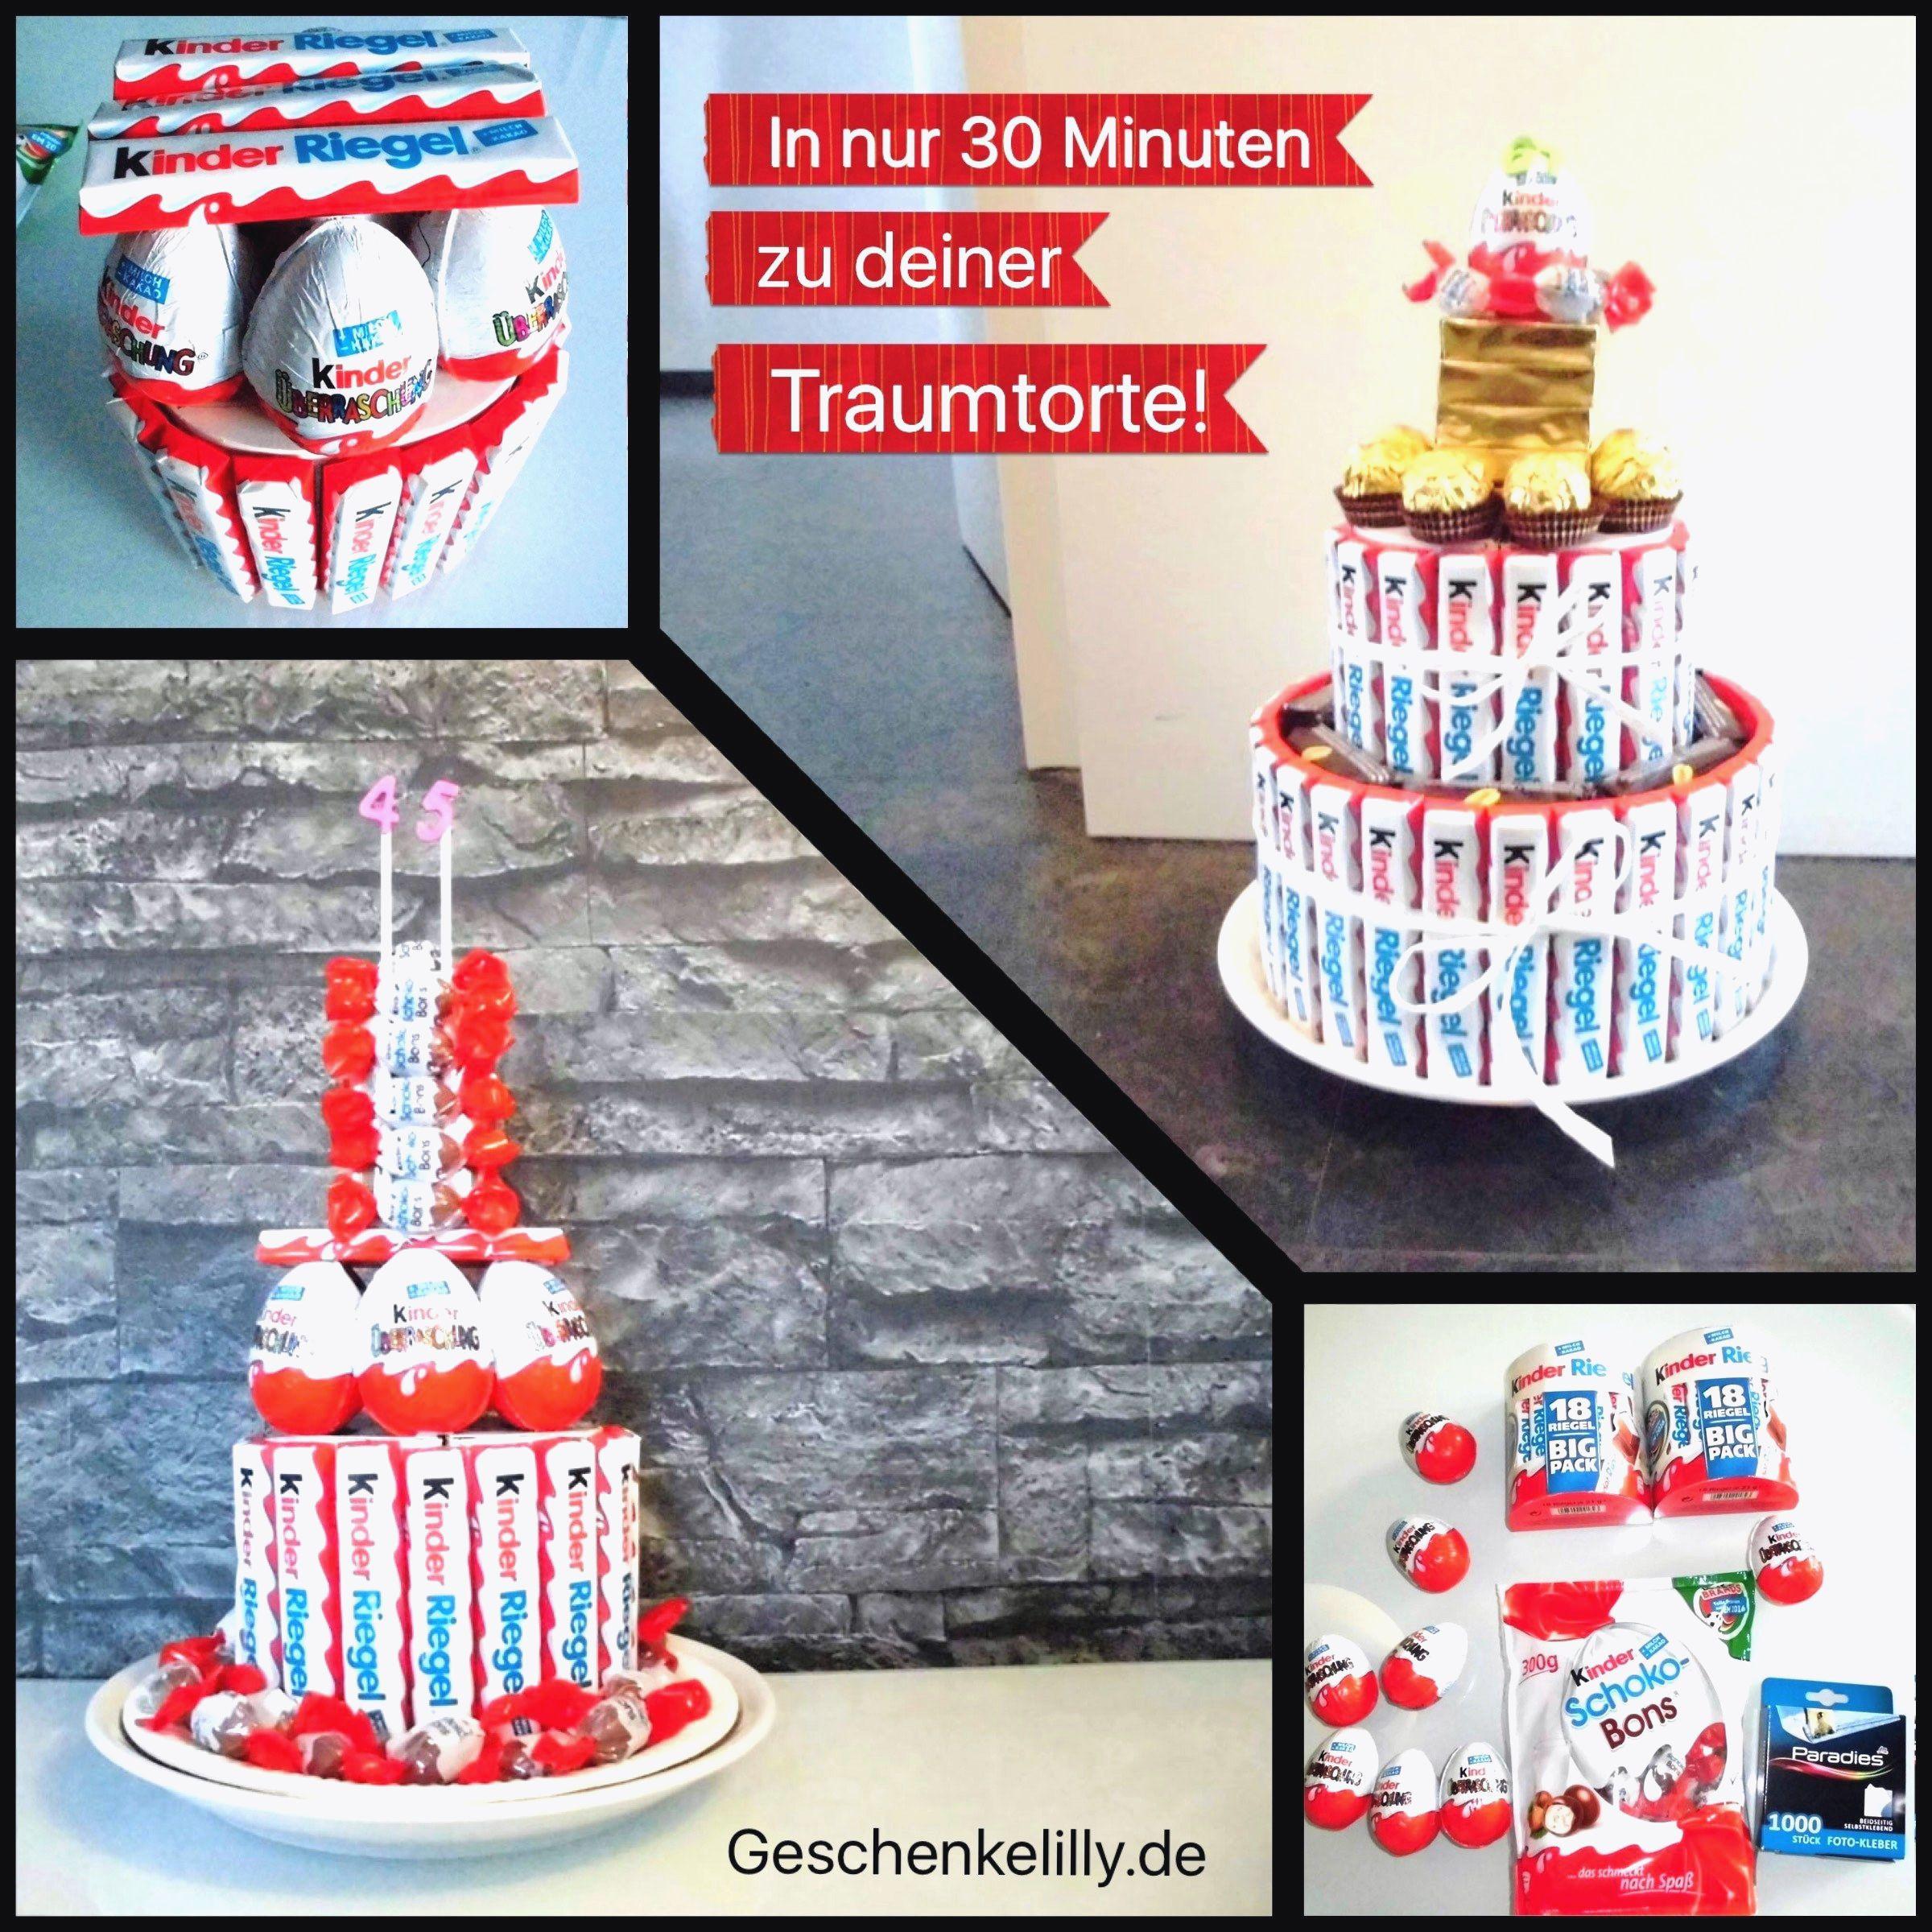 Lustige Geschenke Zum Geburtstag Selber Machen  20 Besten Lustige Geschenke Zum 18 Geburtstag Beste